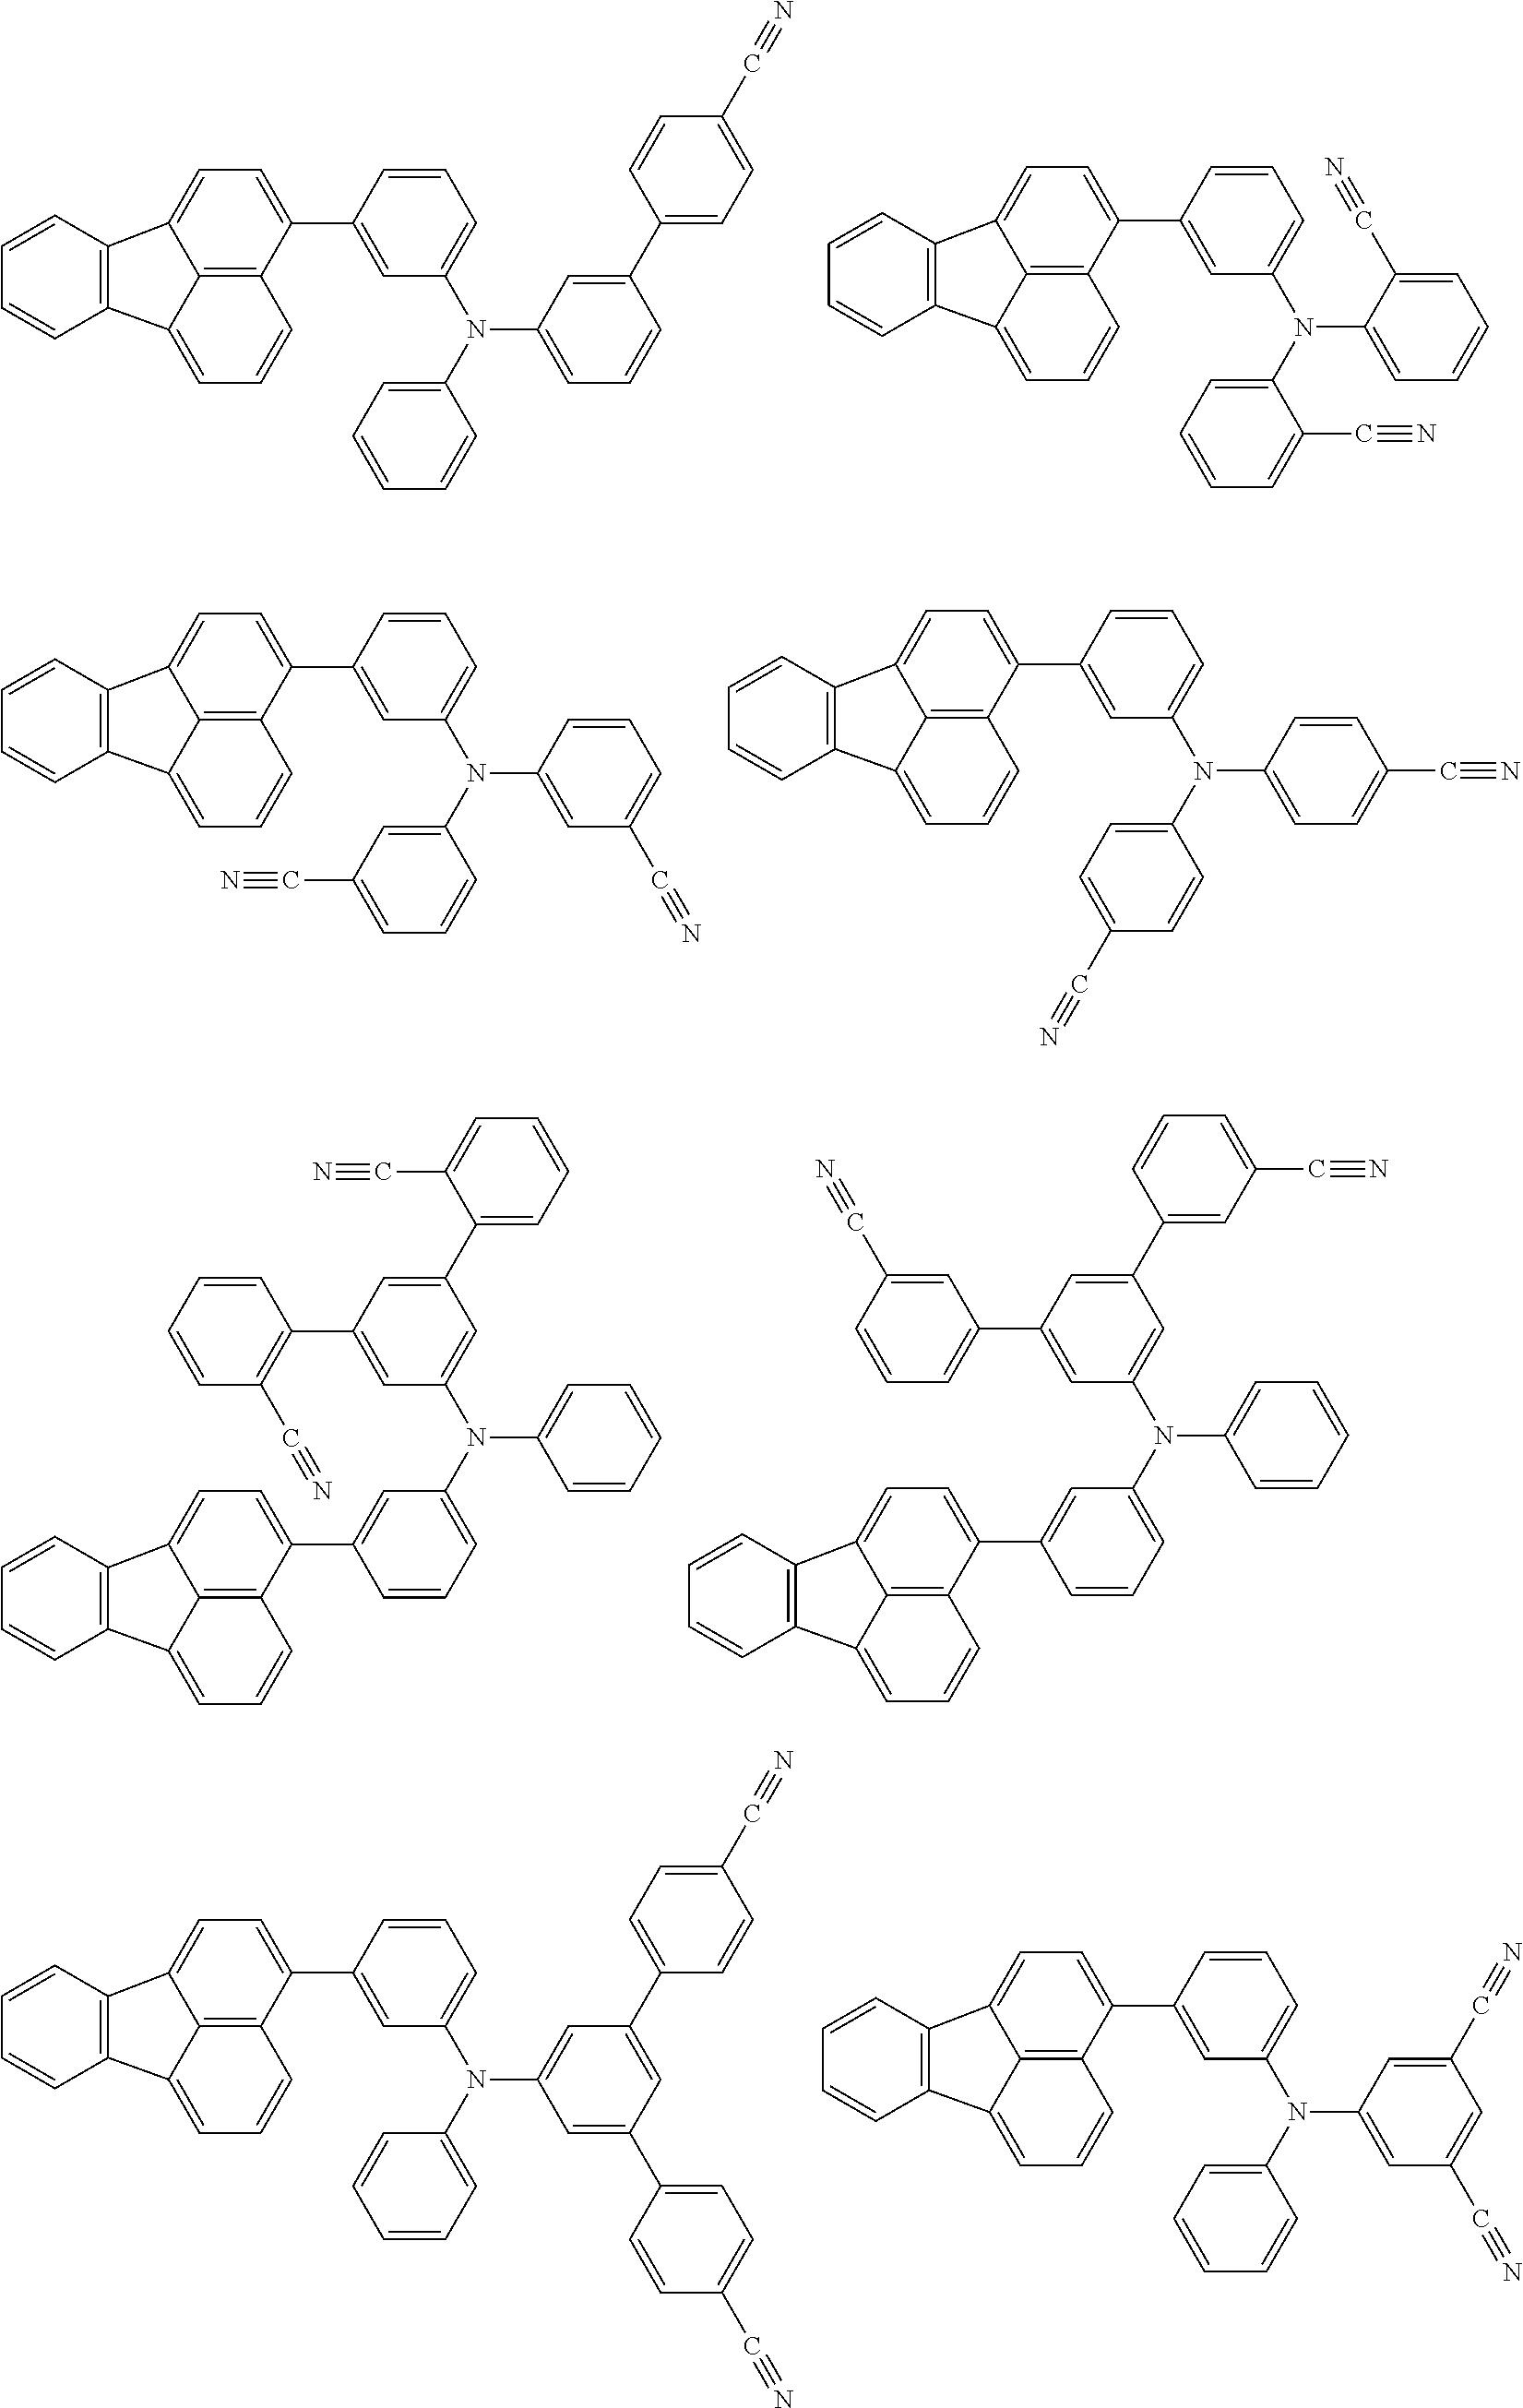 Figure US20150280139A1-20151001-C00100